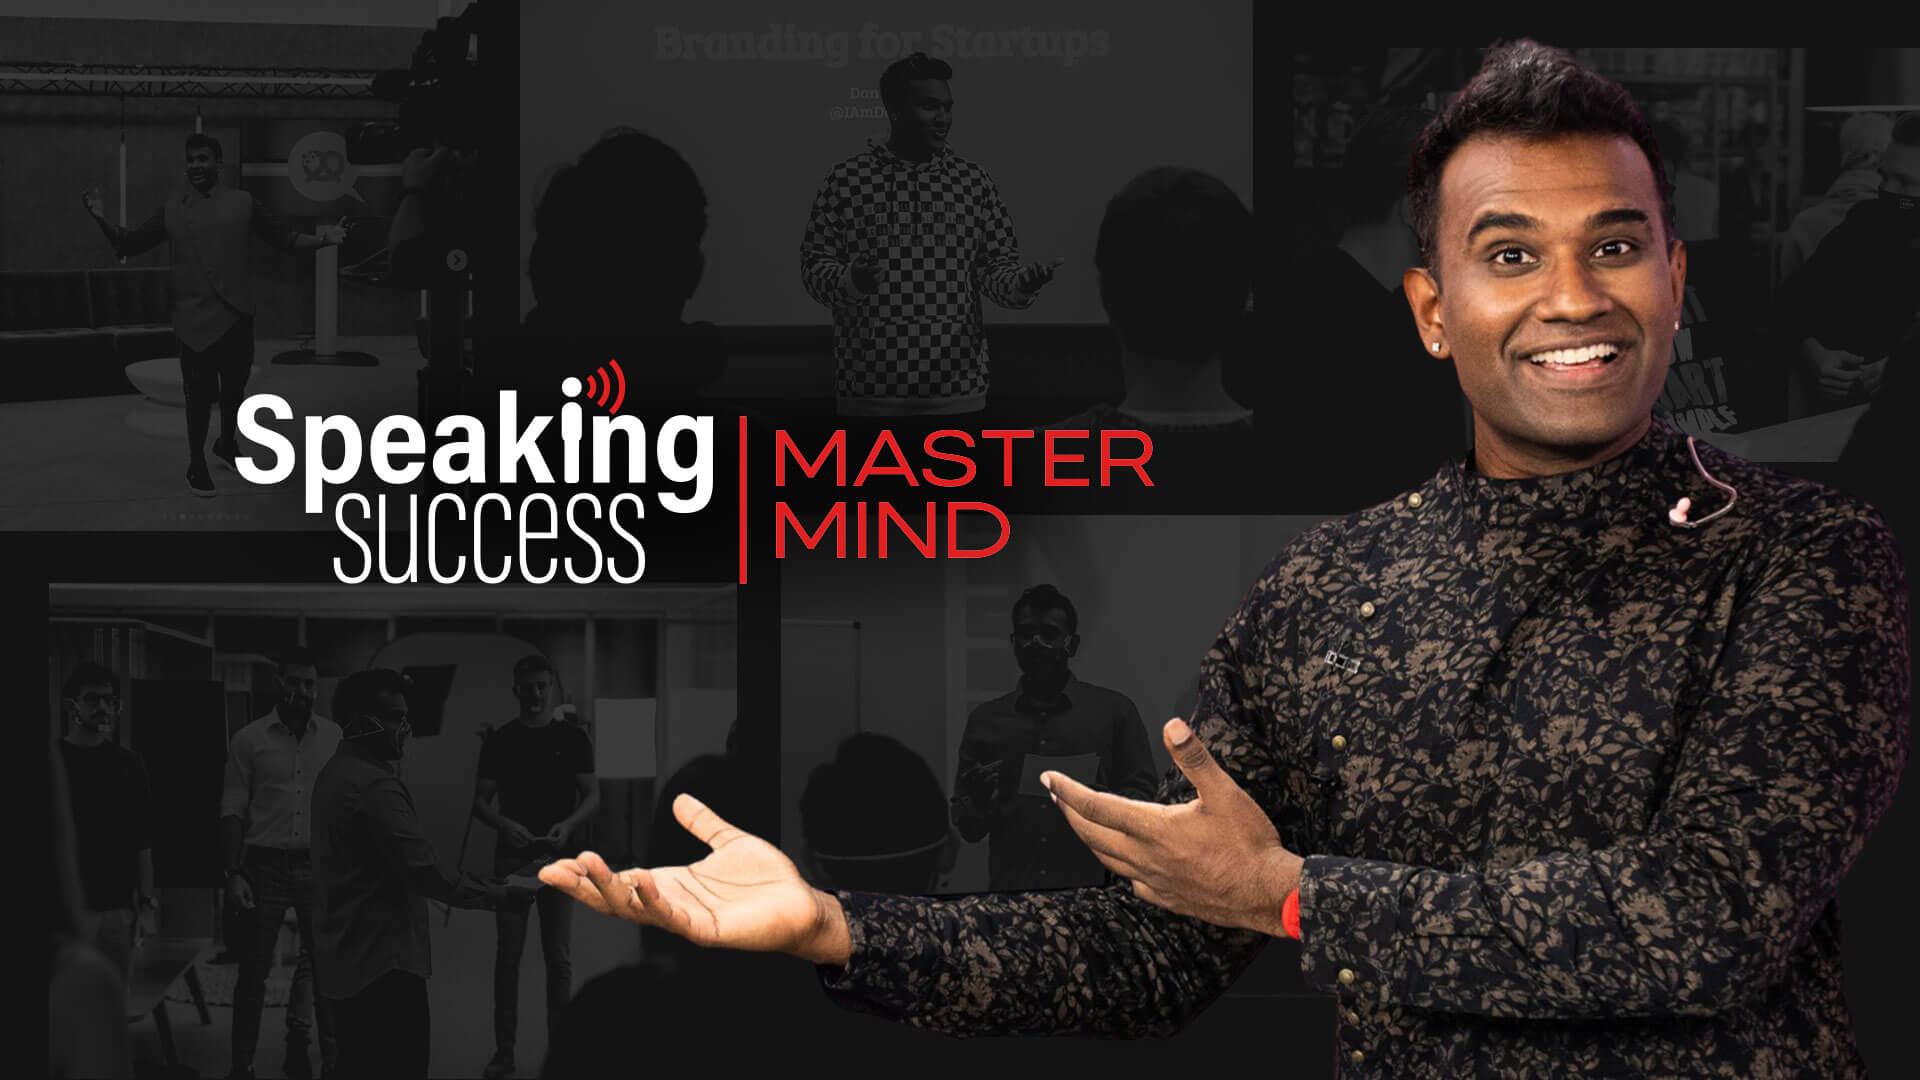 Speaking Success Mastermind